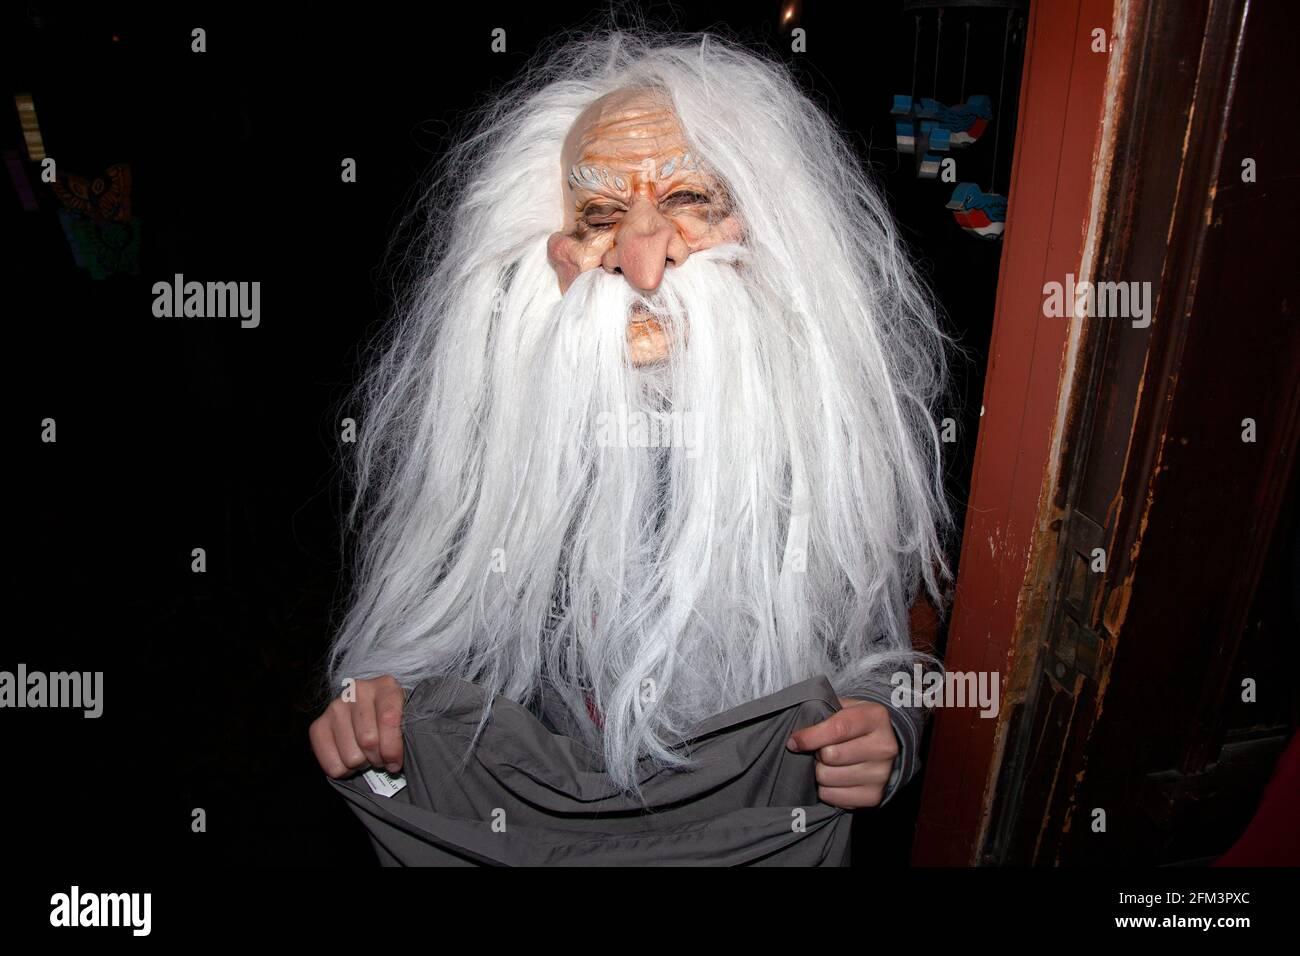 Truco de Halloween y el tratador usando un hombre muy viejo barbudo mago máscara. St Paul Minnesota MN EE.UU Foto de stock